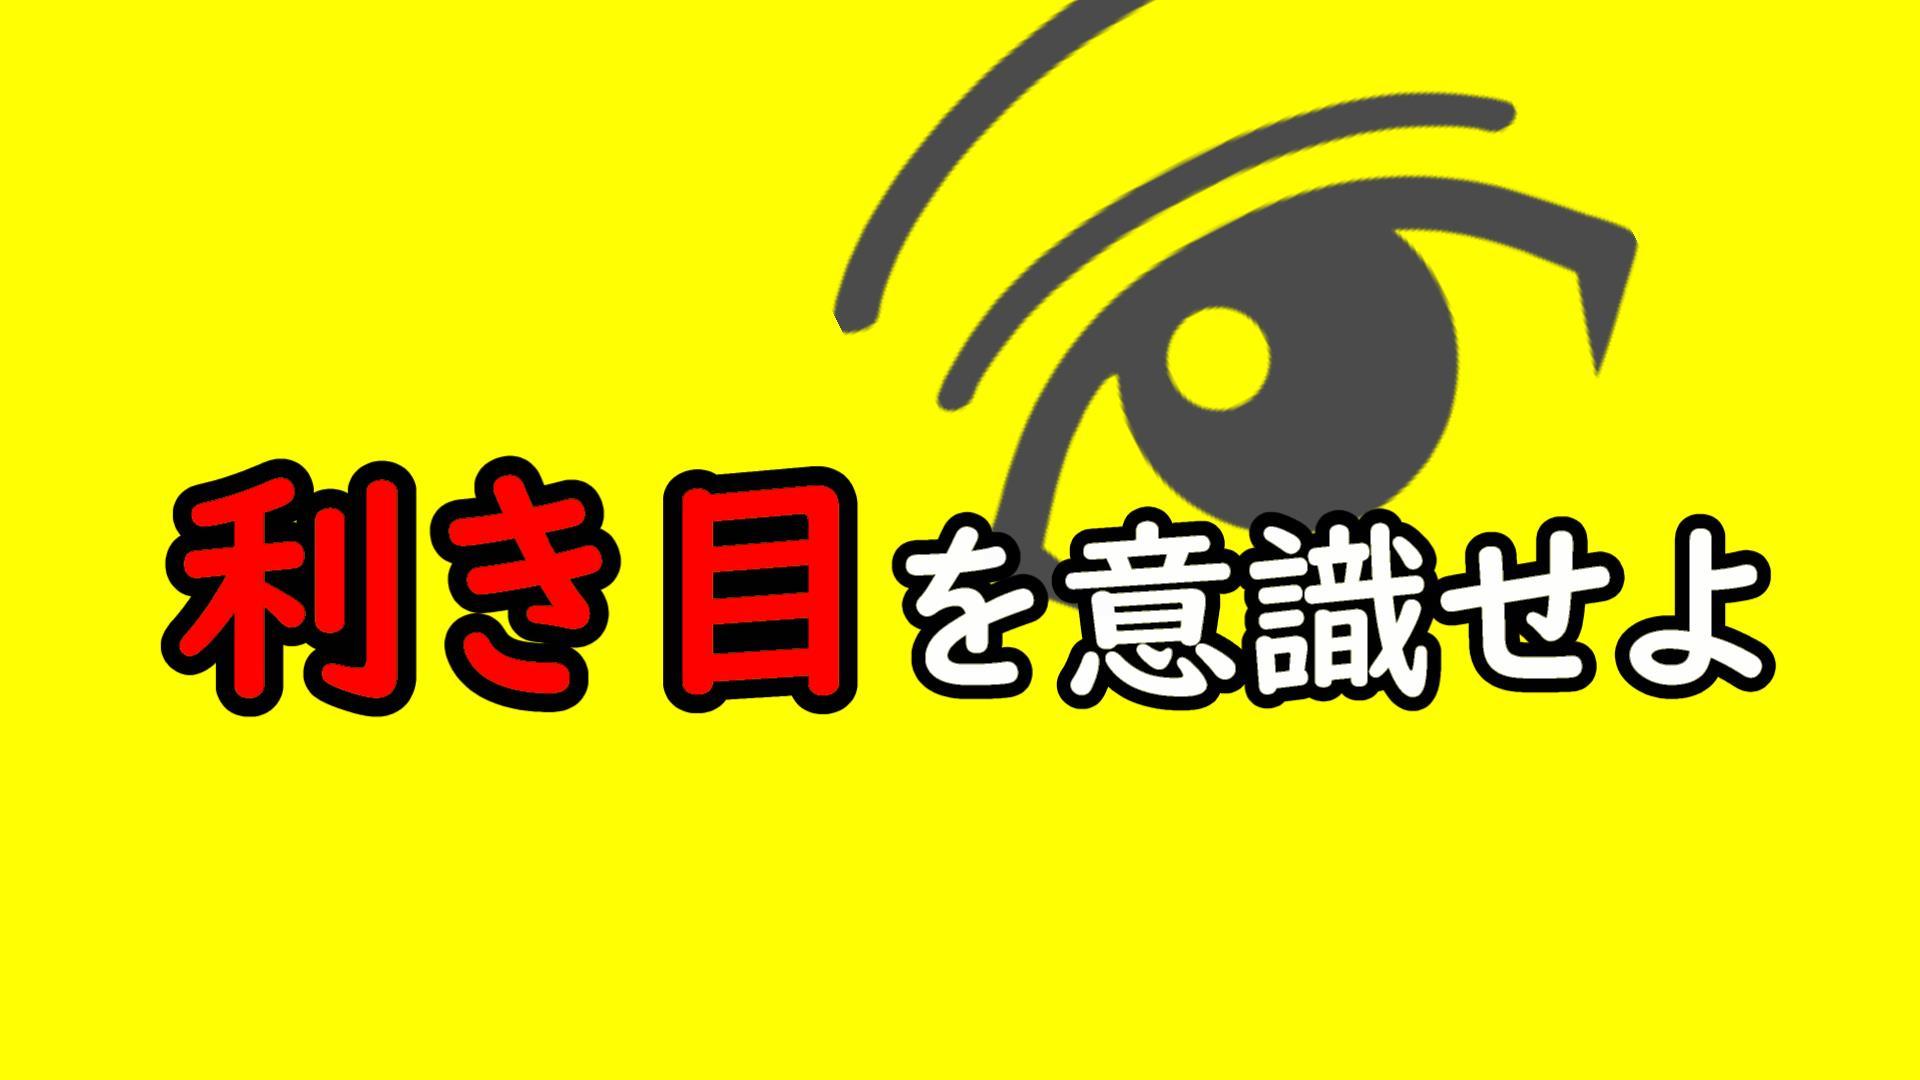 【ゲーミングアイ】目の位置、利き目を意識するといいことがあるという話【細かすぎるFPS講座】